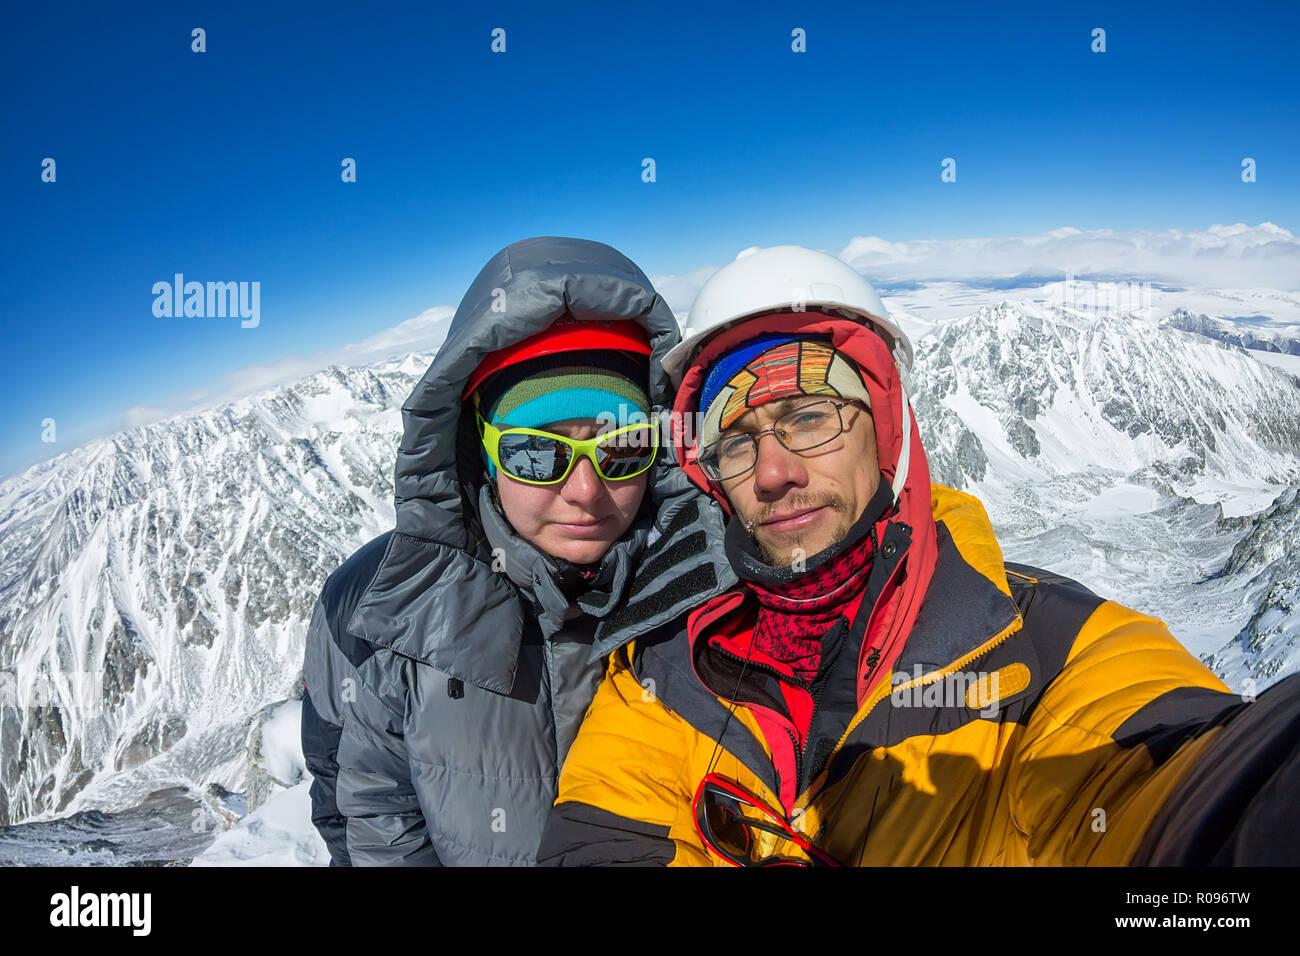 save off b7b03 4f9b2 Selfie paar Bergsteiger in Helm und Jacke auf den Gipfel des ...